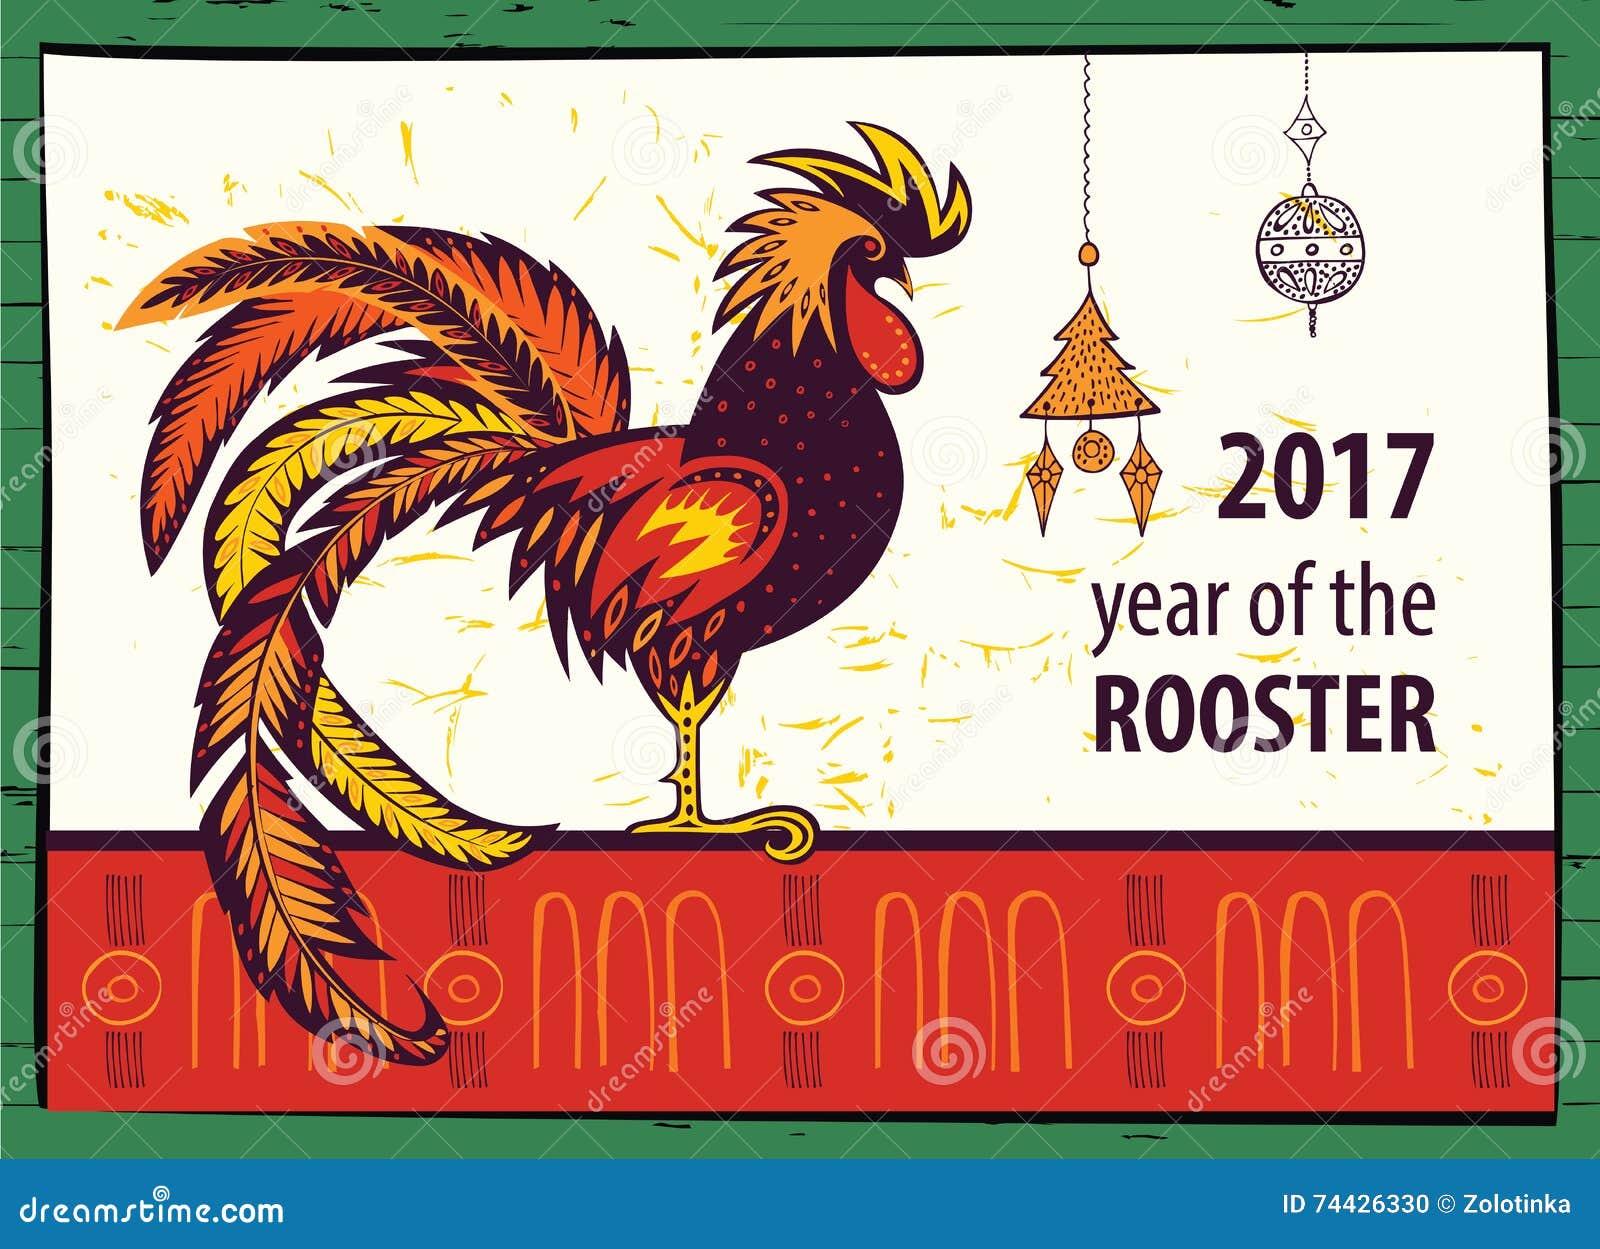 Стенгазета на новый год 2017 петух